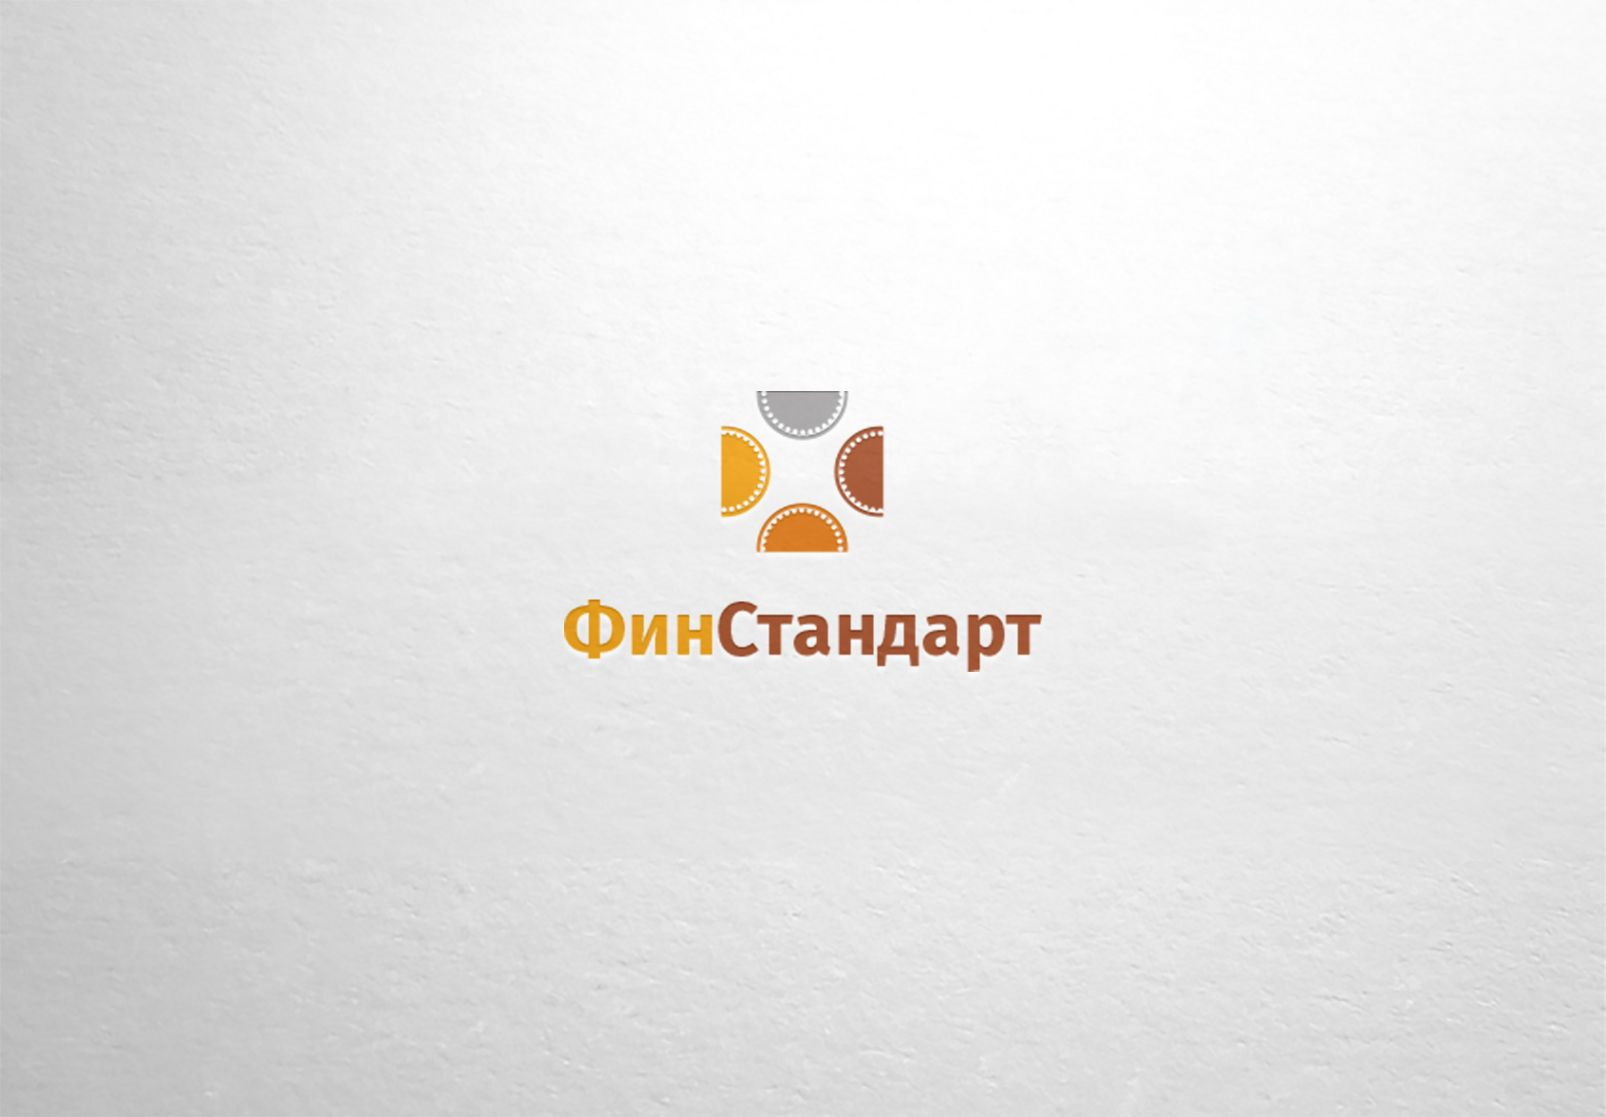 Лого и ФС для ФинСтандарт - дизайнер dron55